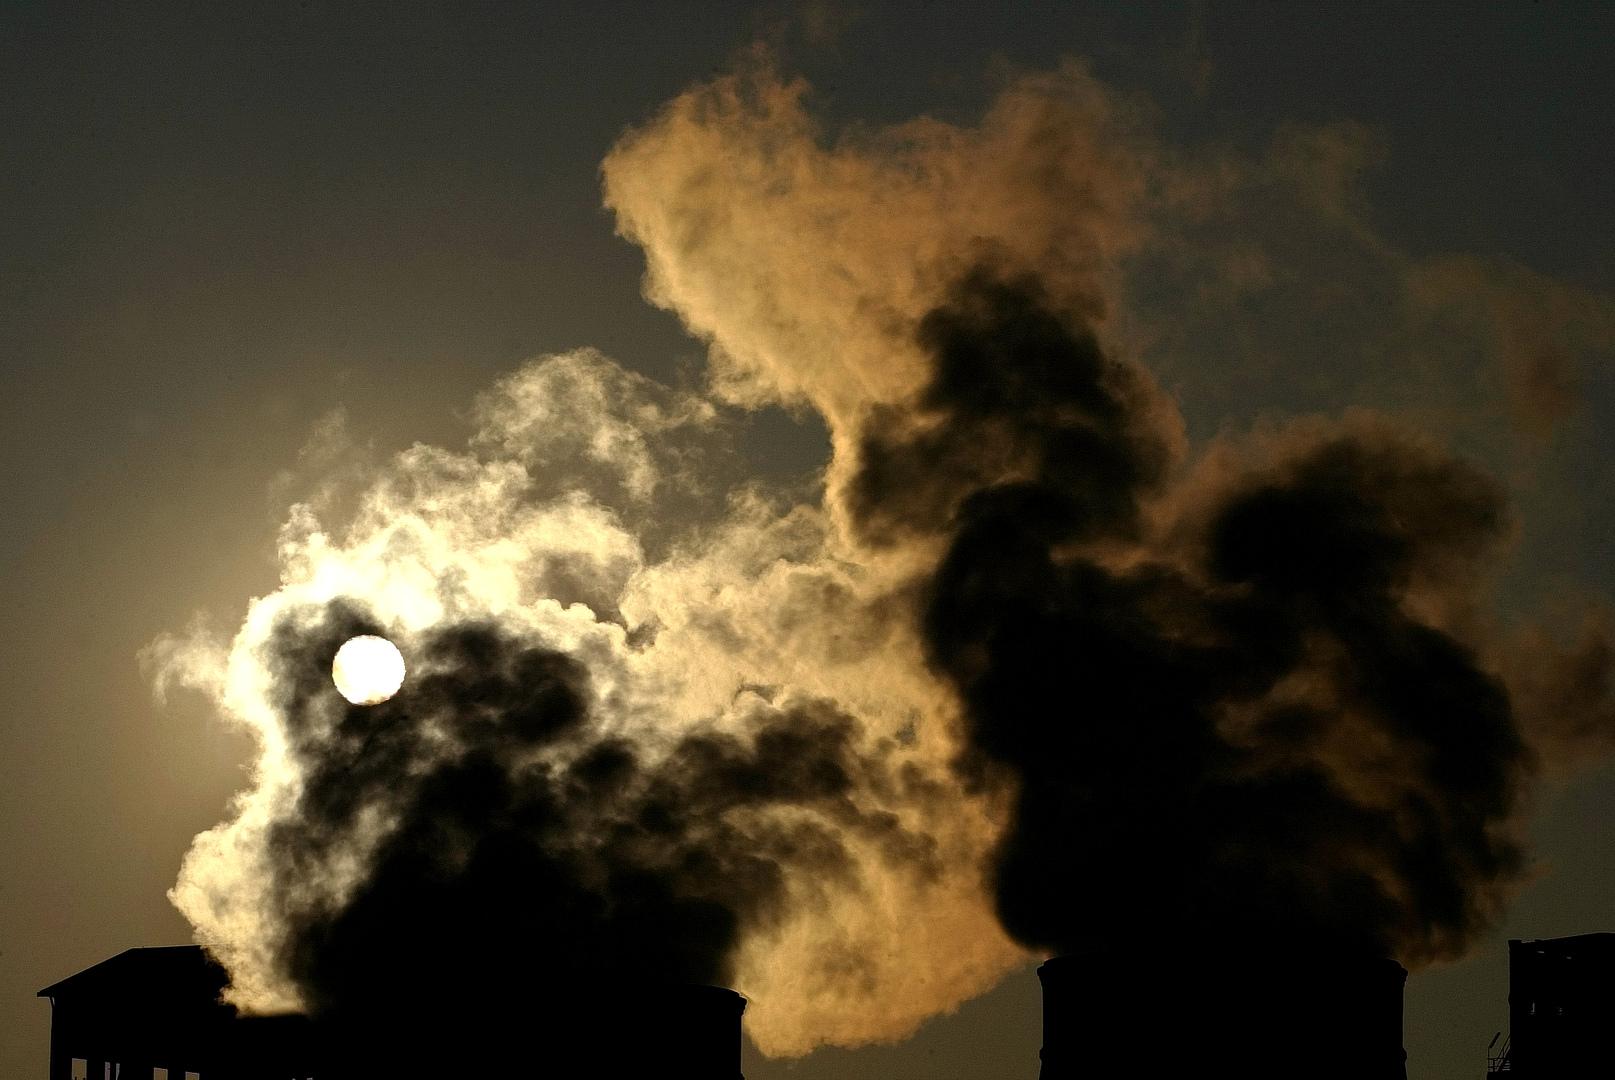 انبعاثات الكربون قد تصل أدنى مستوياتها منذ الحرب العالمية الثانية بفضل تفشي كورونا